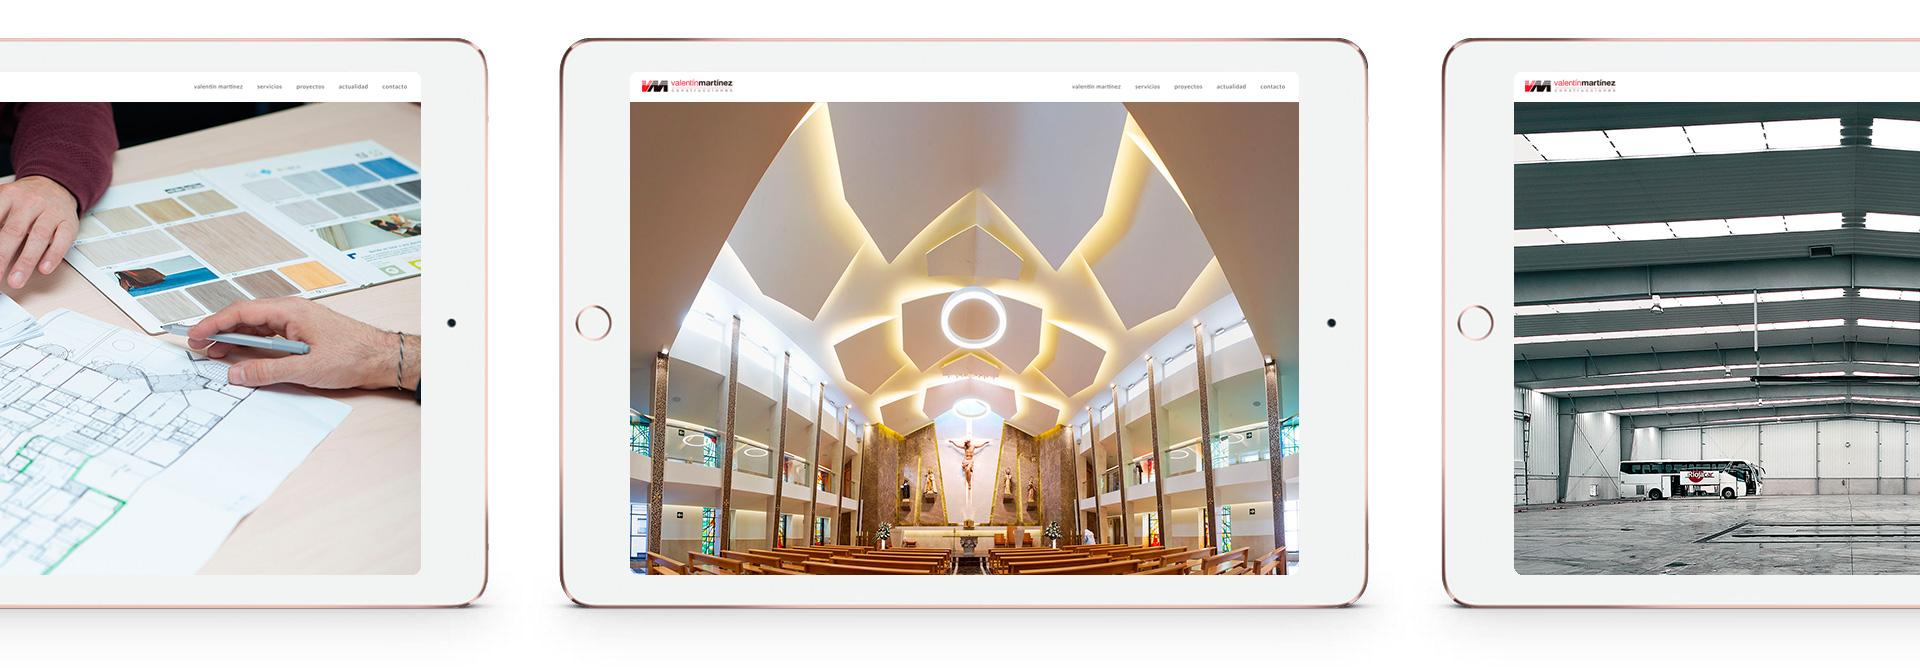 Presentación en tablet de la web realizada para Valentín Martínez Construcciones